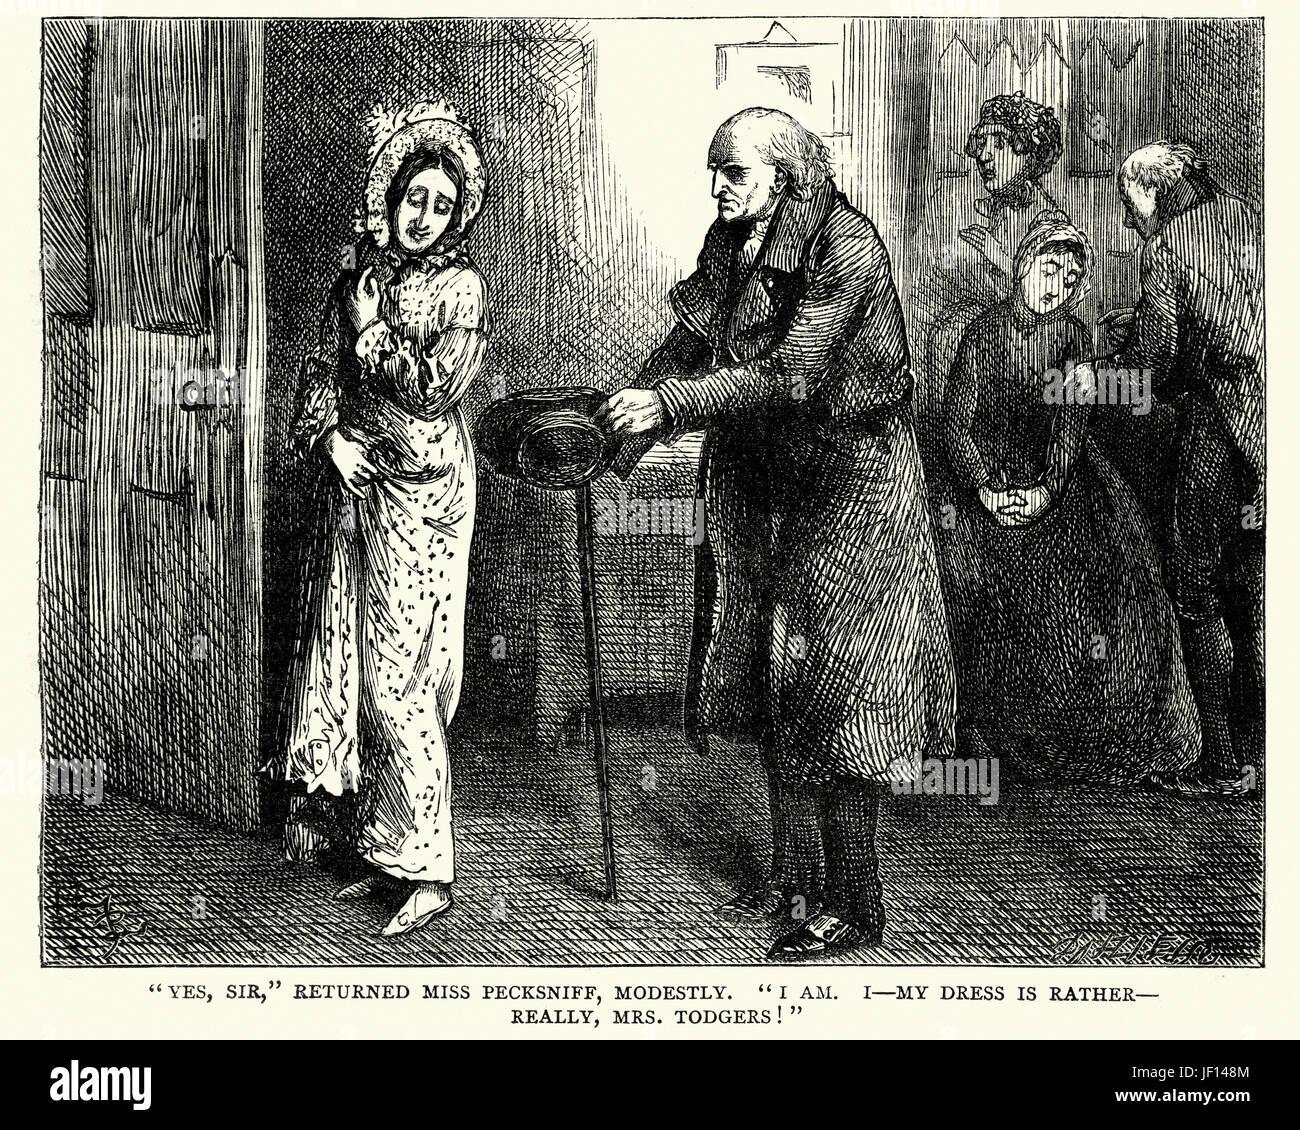 Vintange ilustración de una escena de la novela de Charles Dickens Martin Chuzzlewit. Sí, Señor, Imagen De Stock